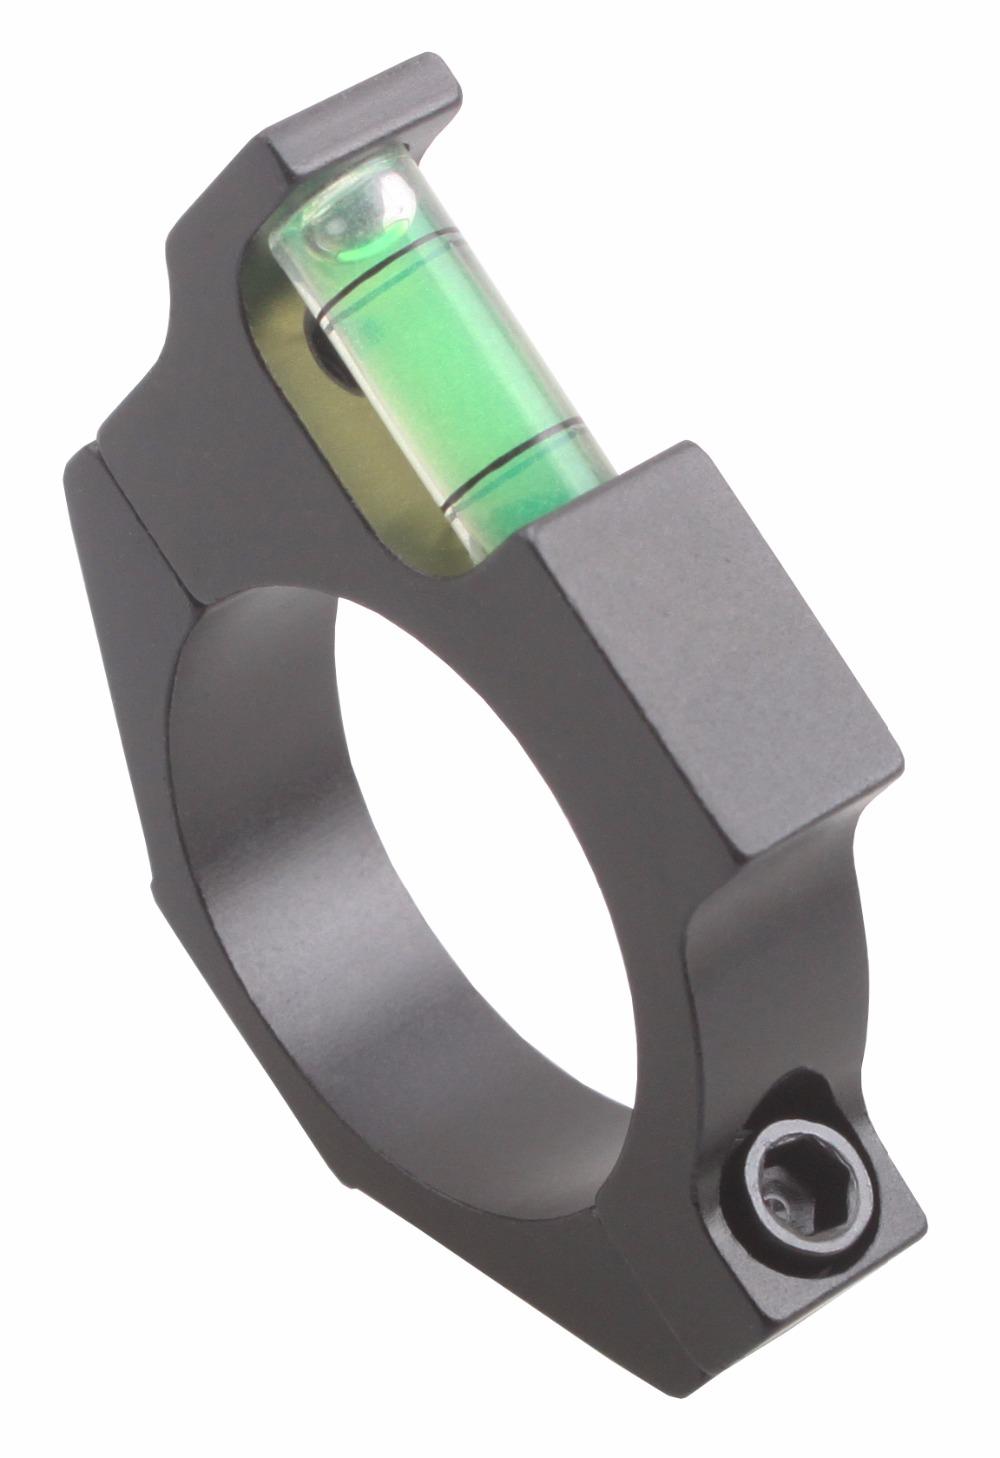 25.4mm Offest Bubble ACD Mount 3